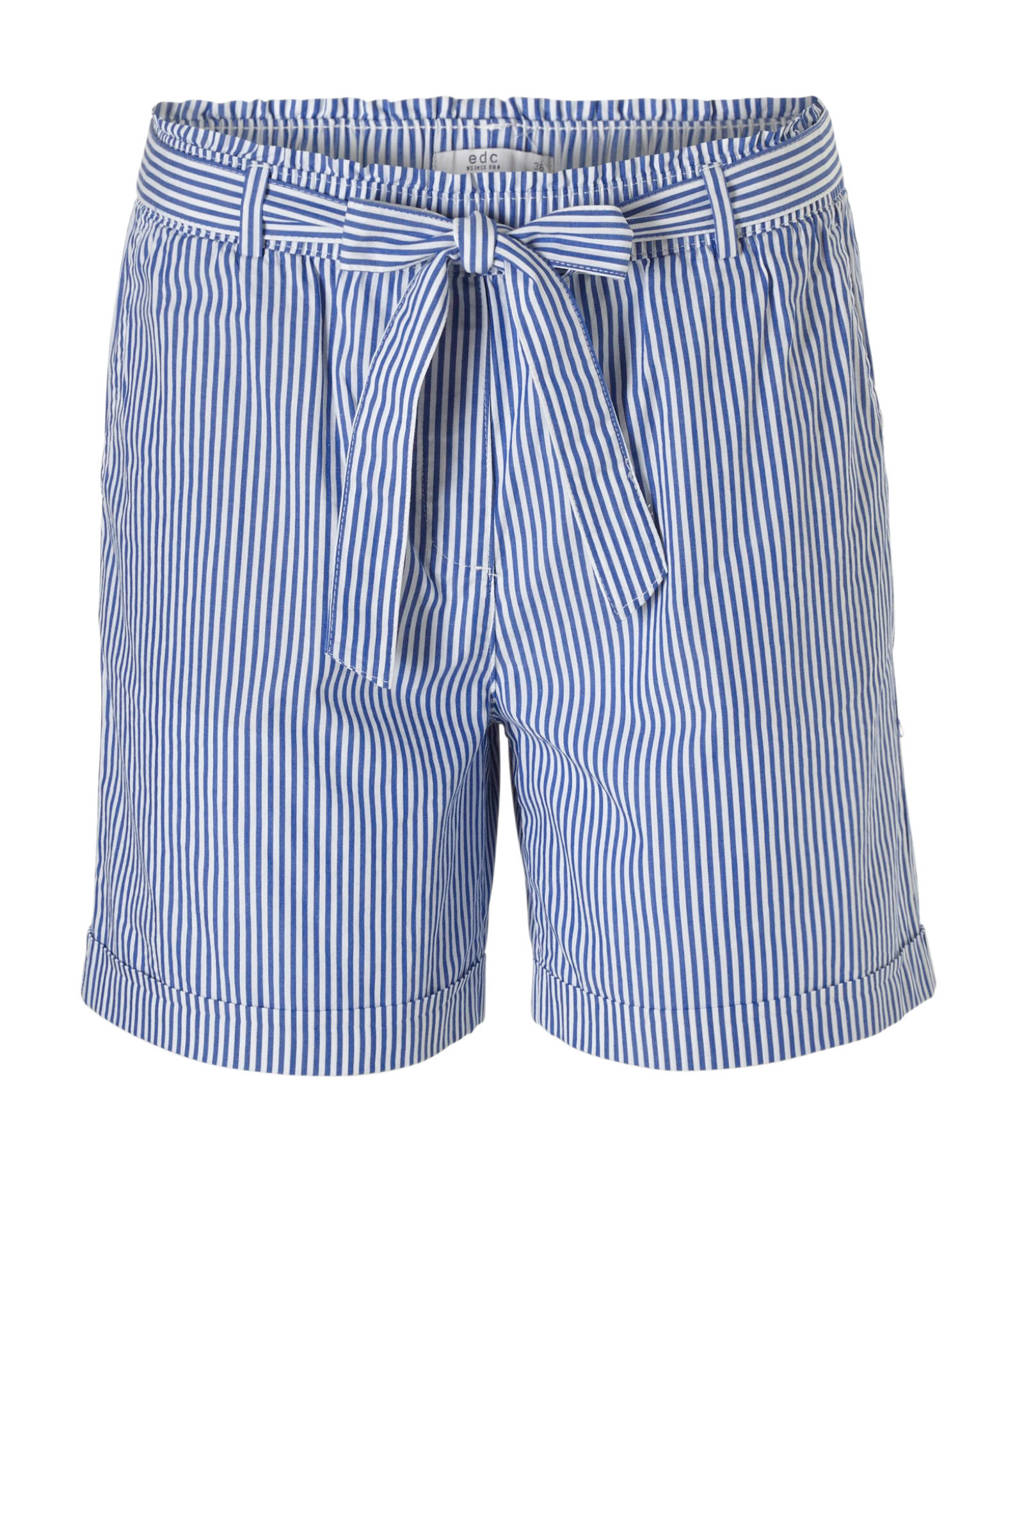 edc Women gestreepte korte broek blauw, Blauw/wit